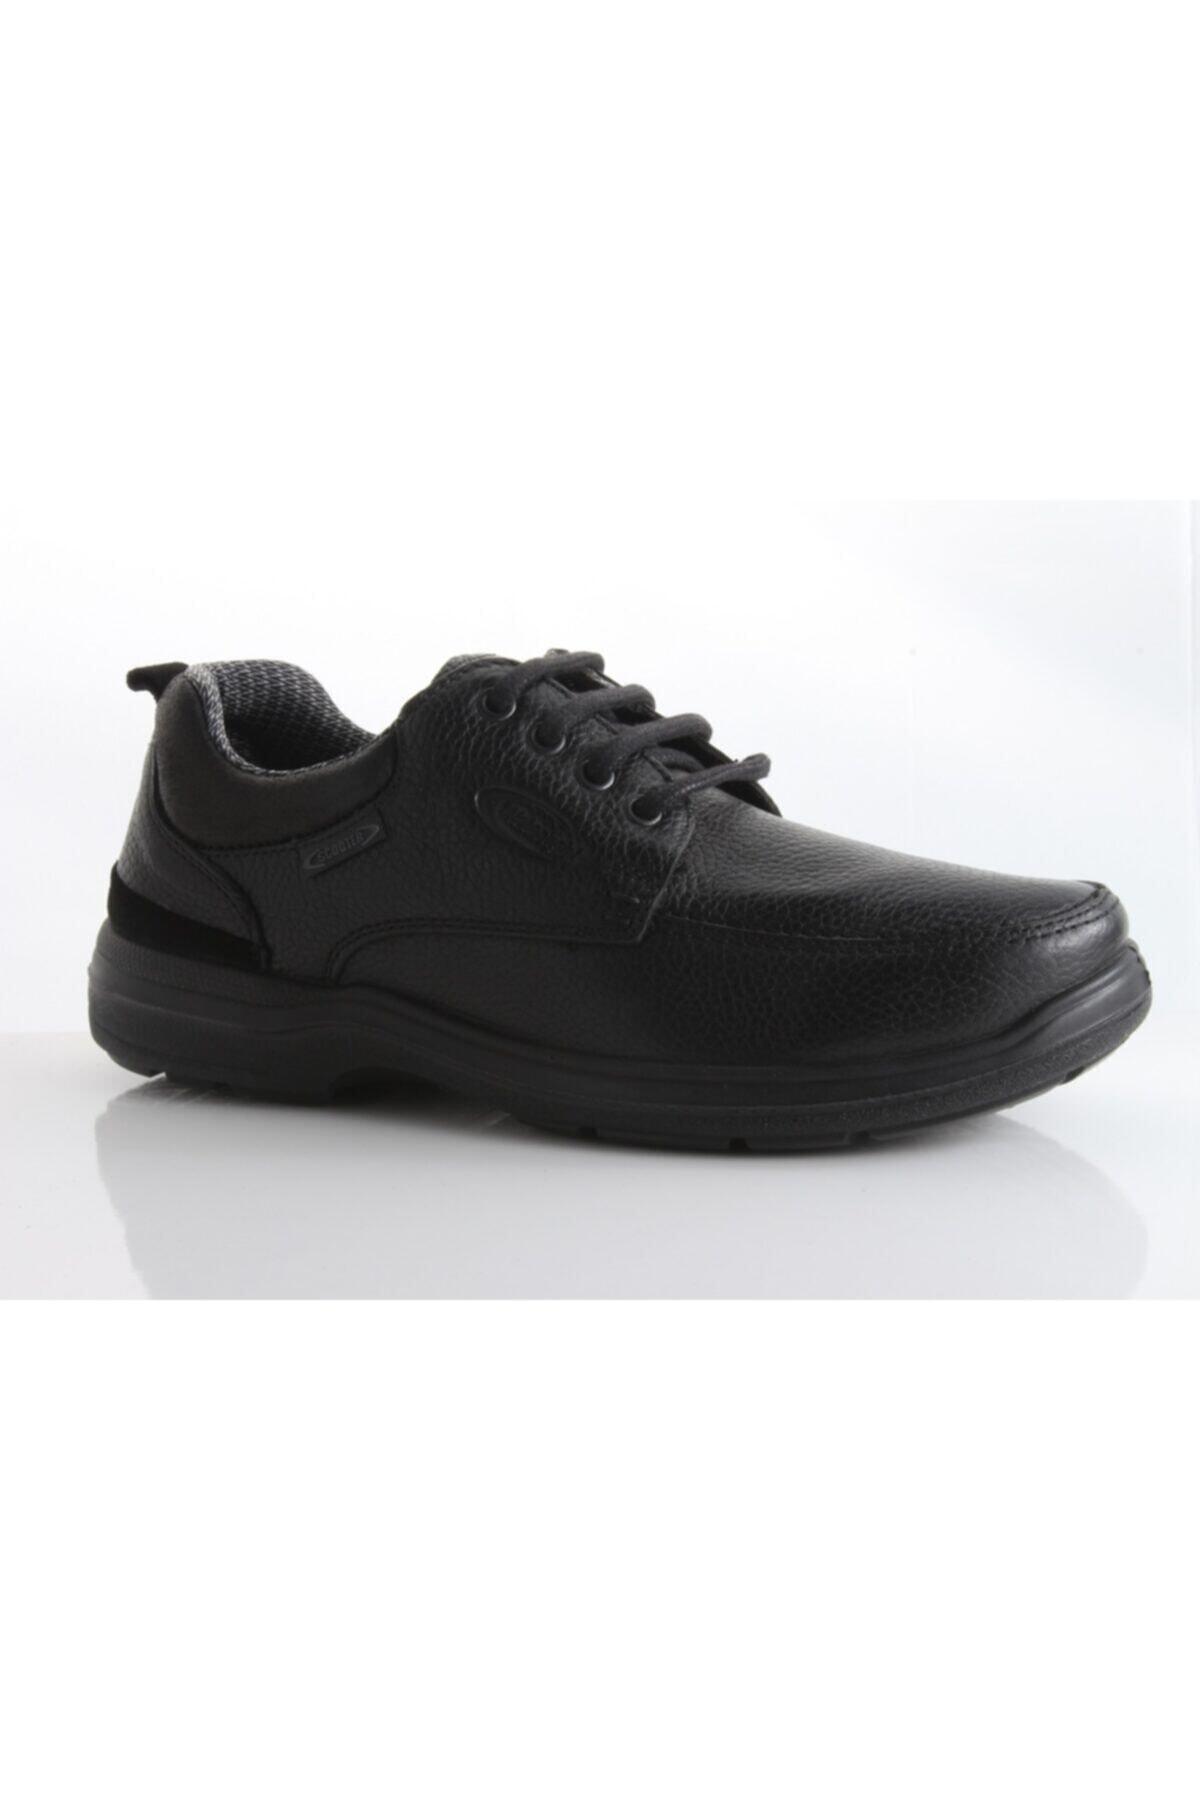 M3080fs Erkek Deri Su Geçirmez Watertight Günlük Ayakkabı